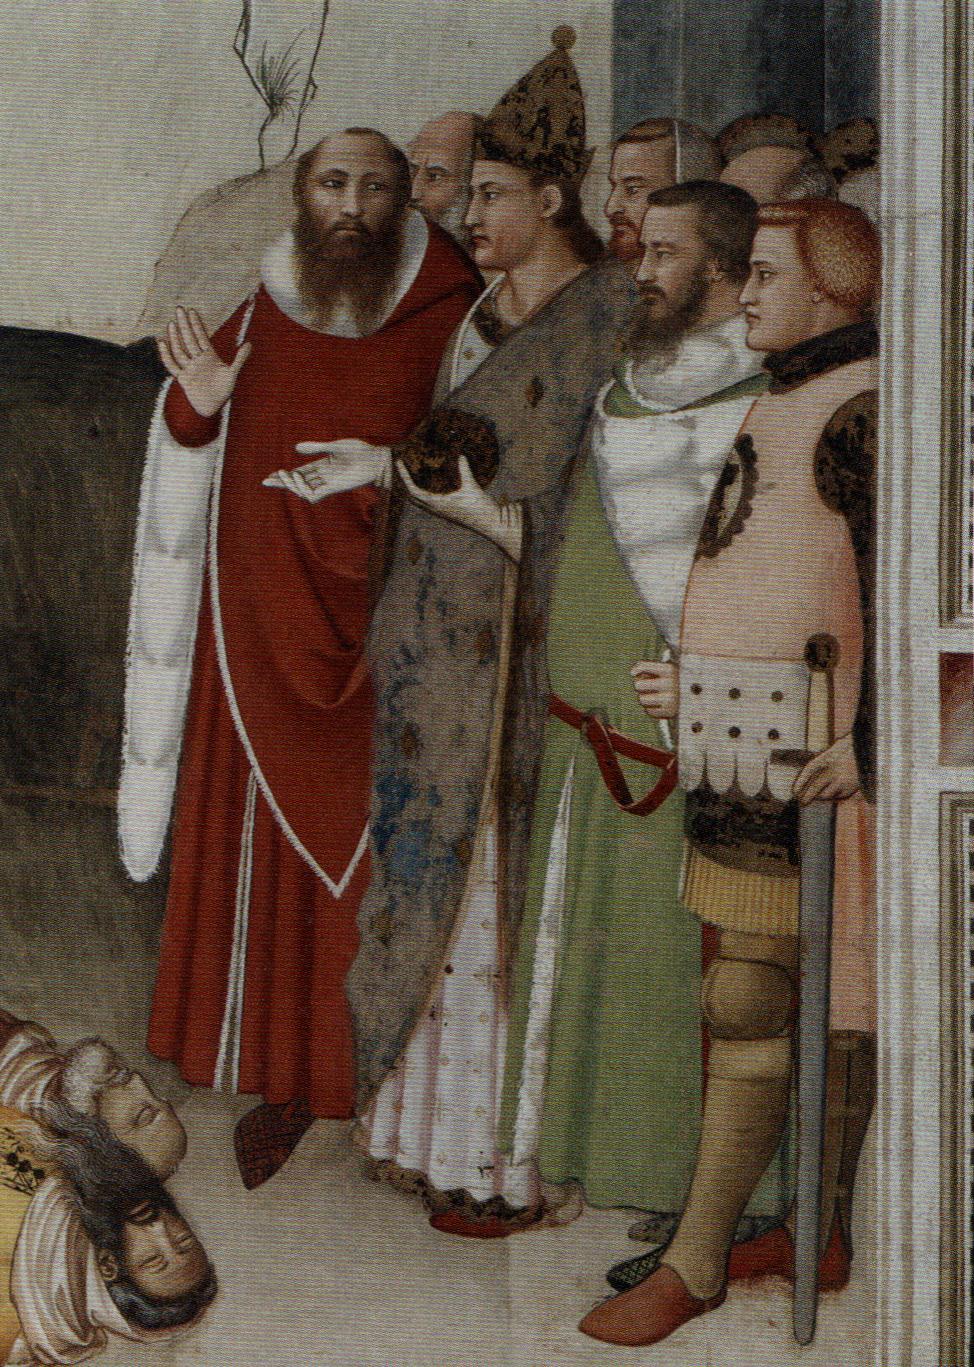 FOTO 3 - Maso di Bianco San Silvestro resuscita i maghi del 1340 circa: si notino le fodere di vaio dei due personaggi vestiti di rosso e verde. Foto tratta da